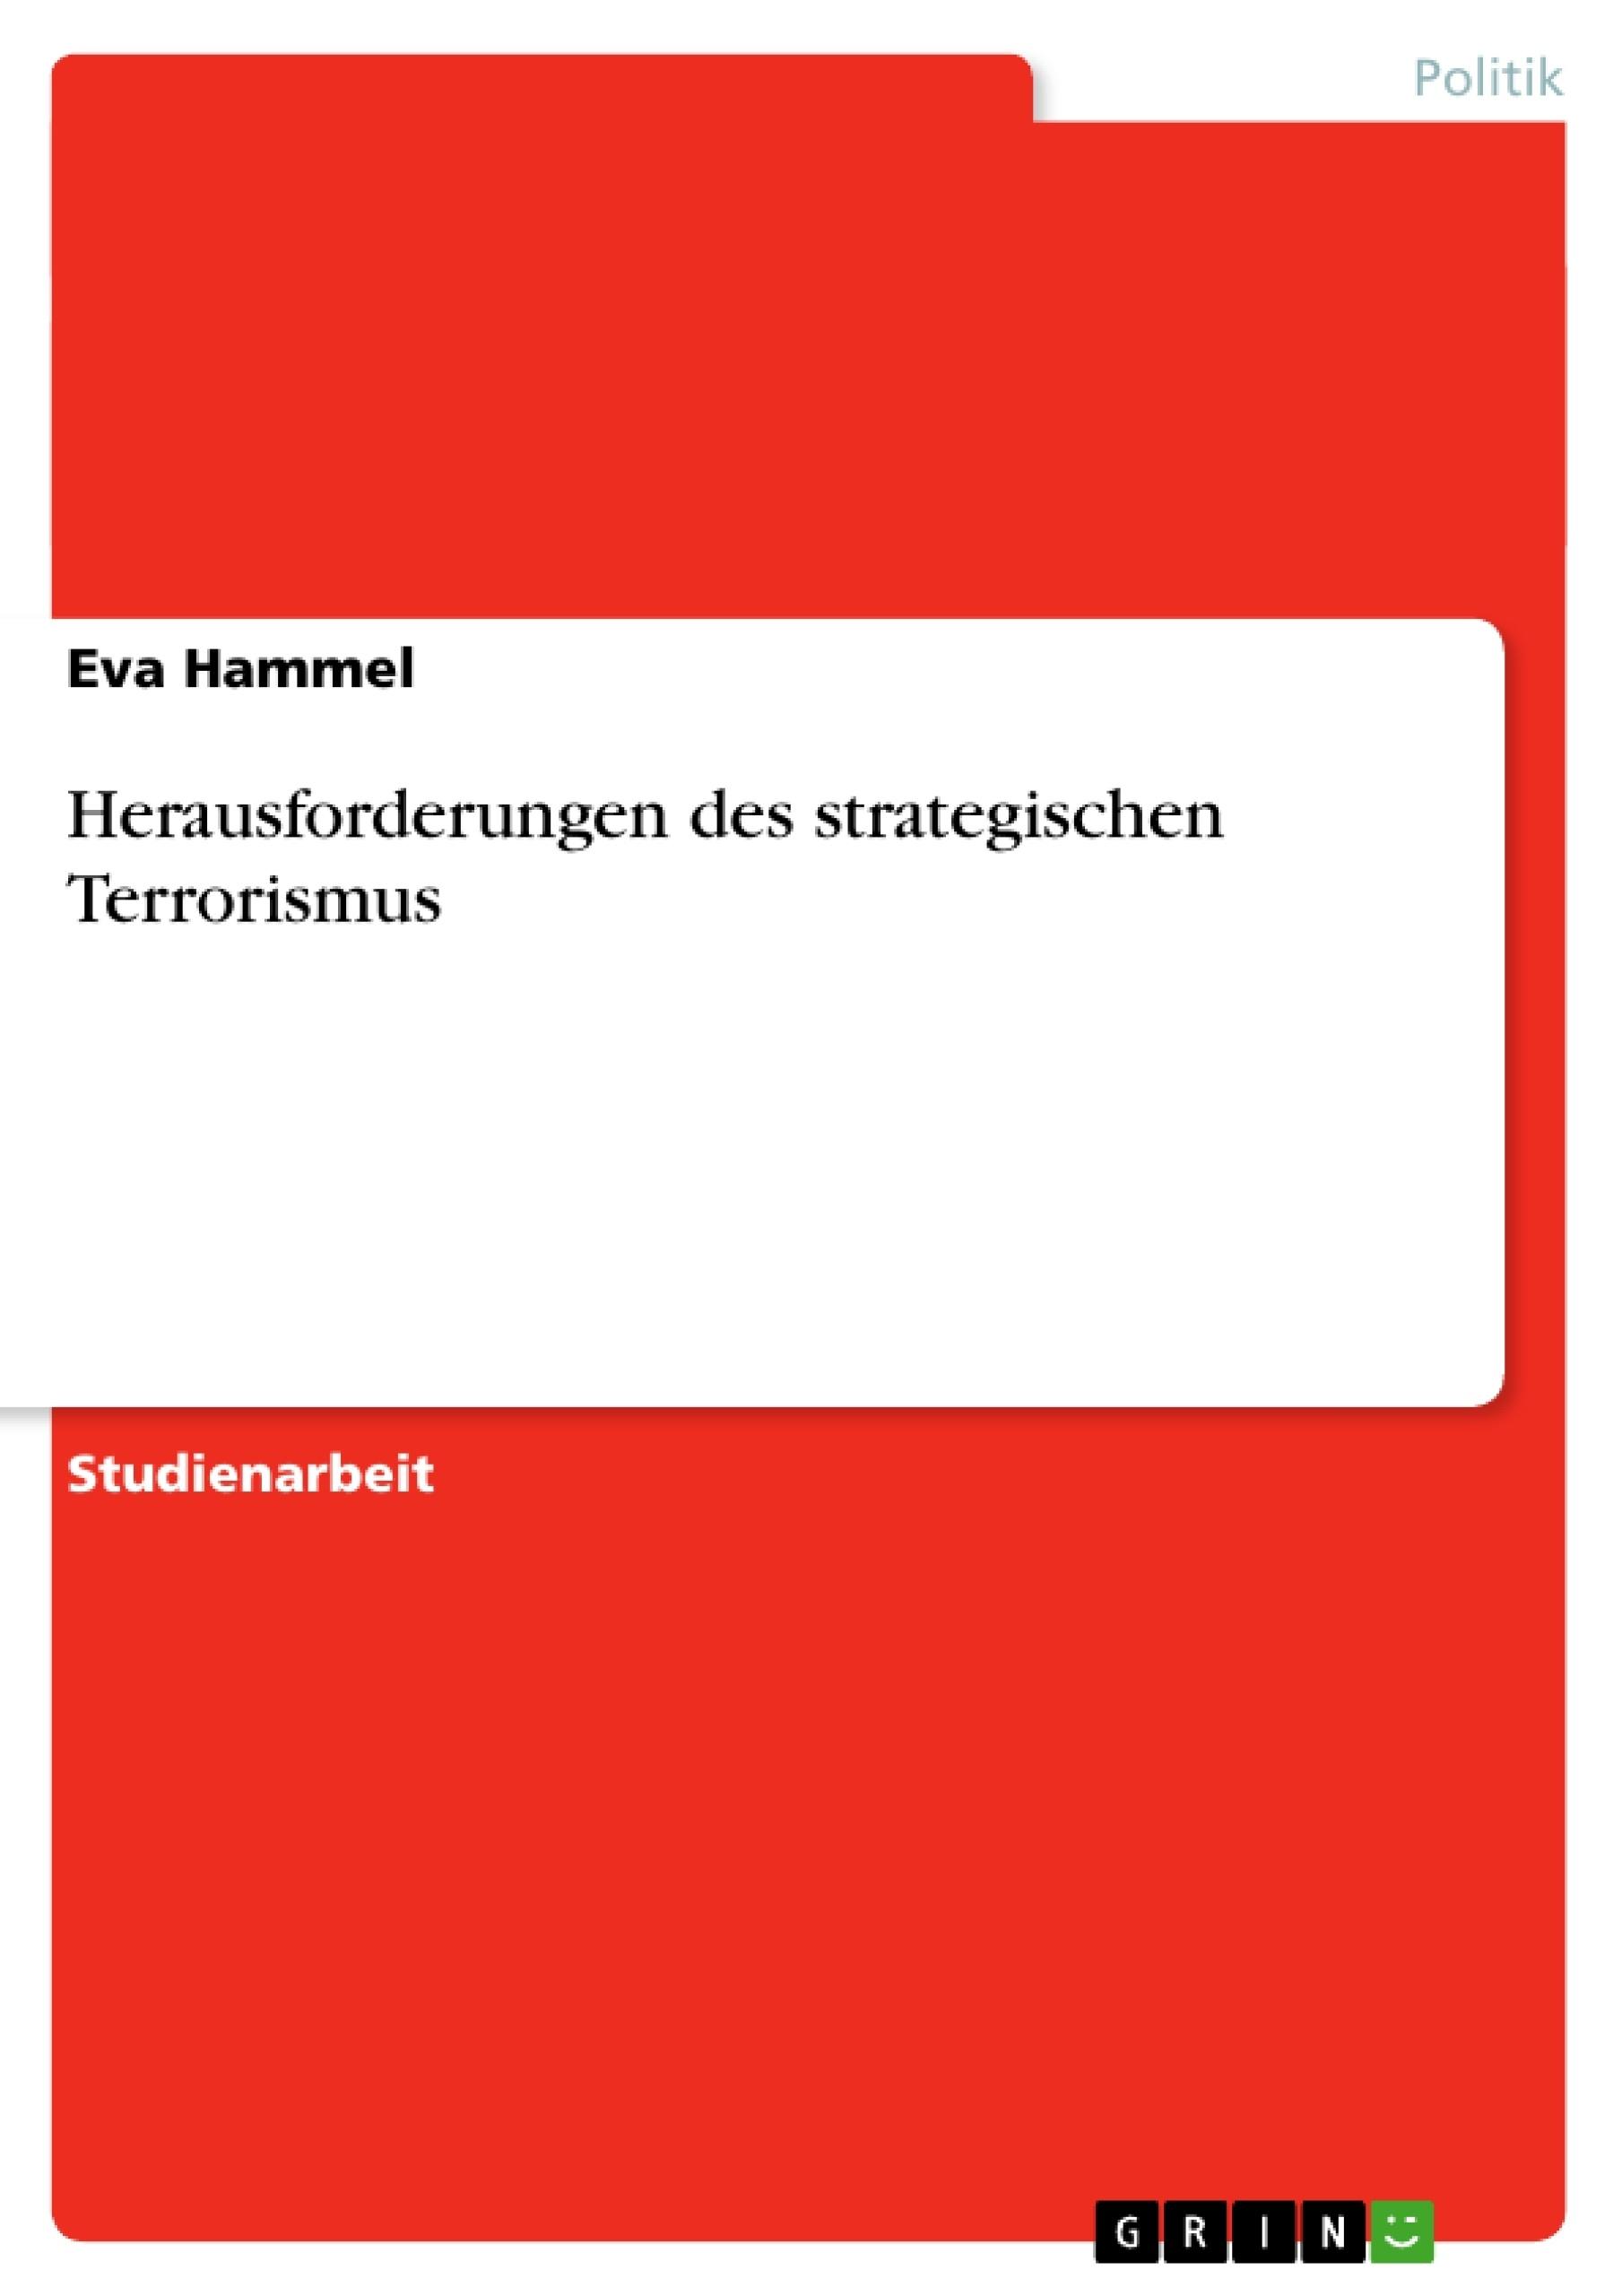 Titel: Herausforderungen des strategischen Terrorismus